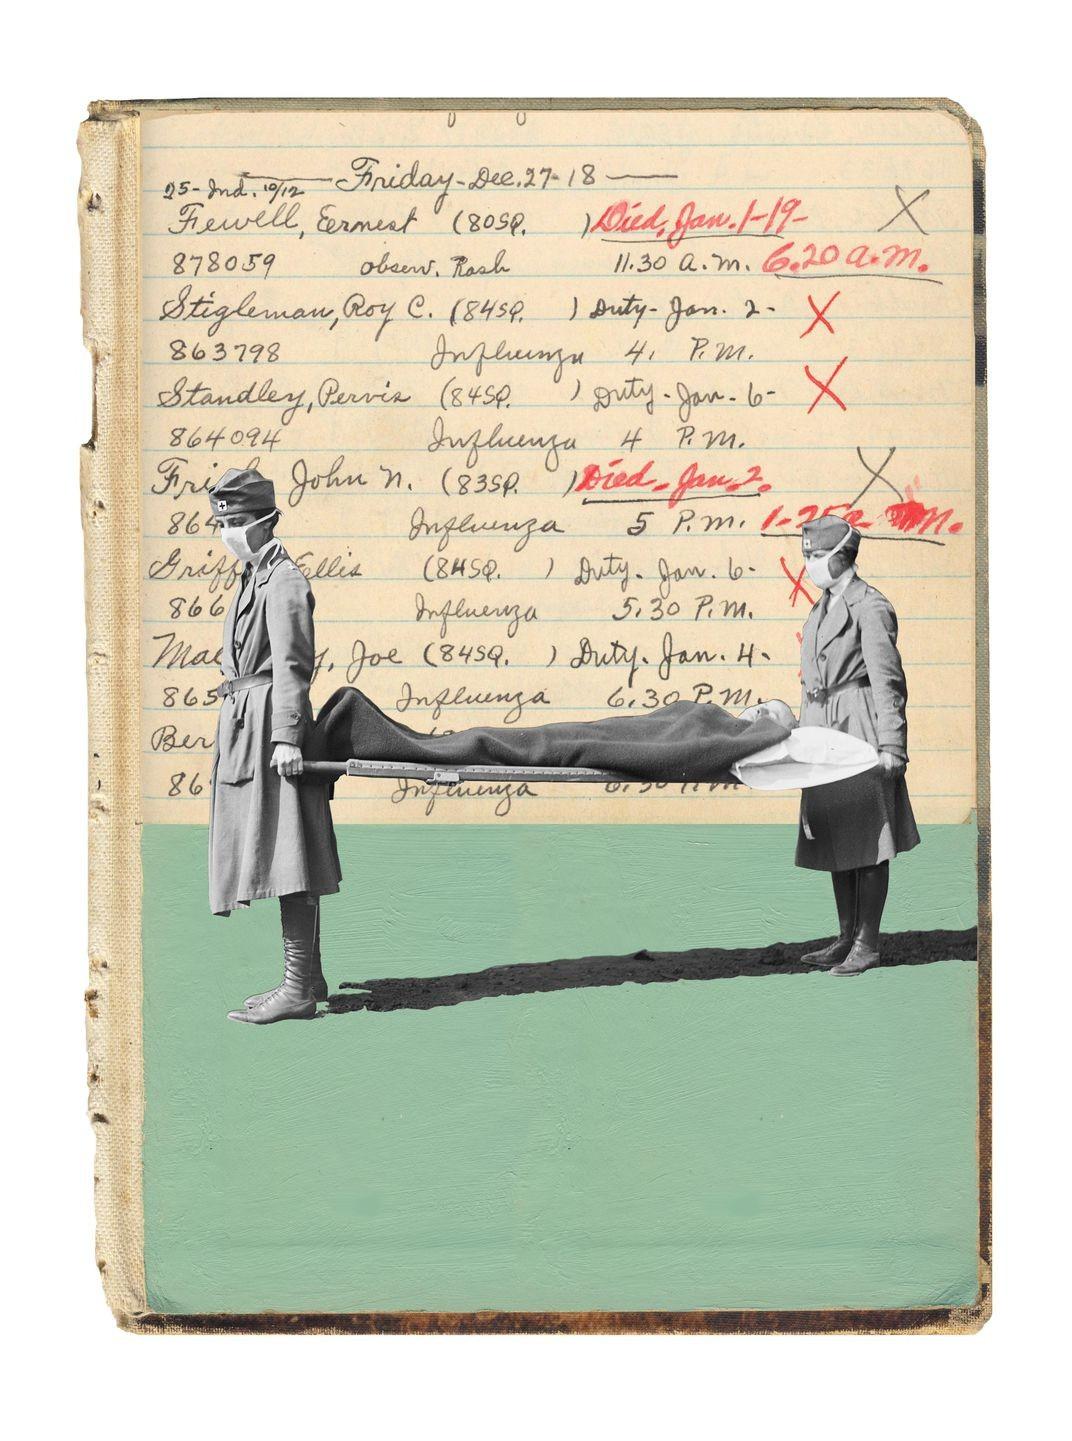 کارکنان صلیب سرخ در حال حمل برانکارد در ۱۹۱۸، نامها از دفتر بیمارستانی ارتشی هستند. (کلاژی از هالی چَستِین)